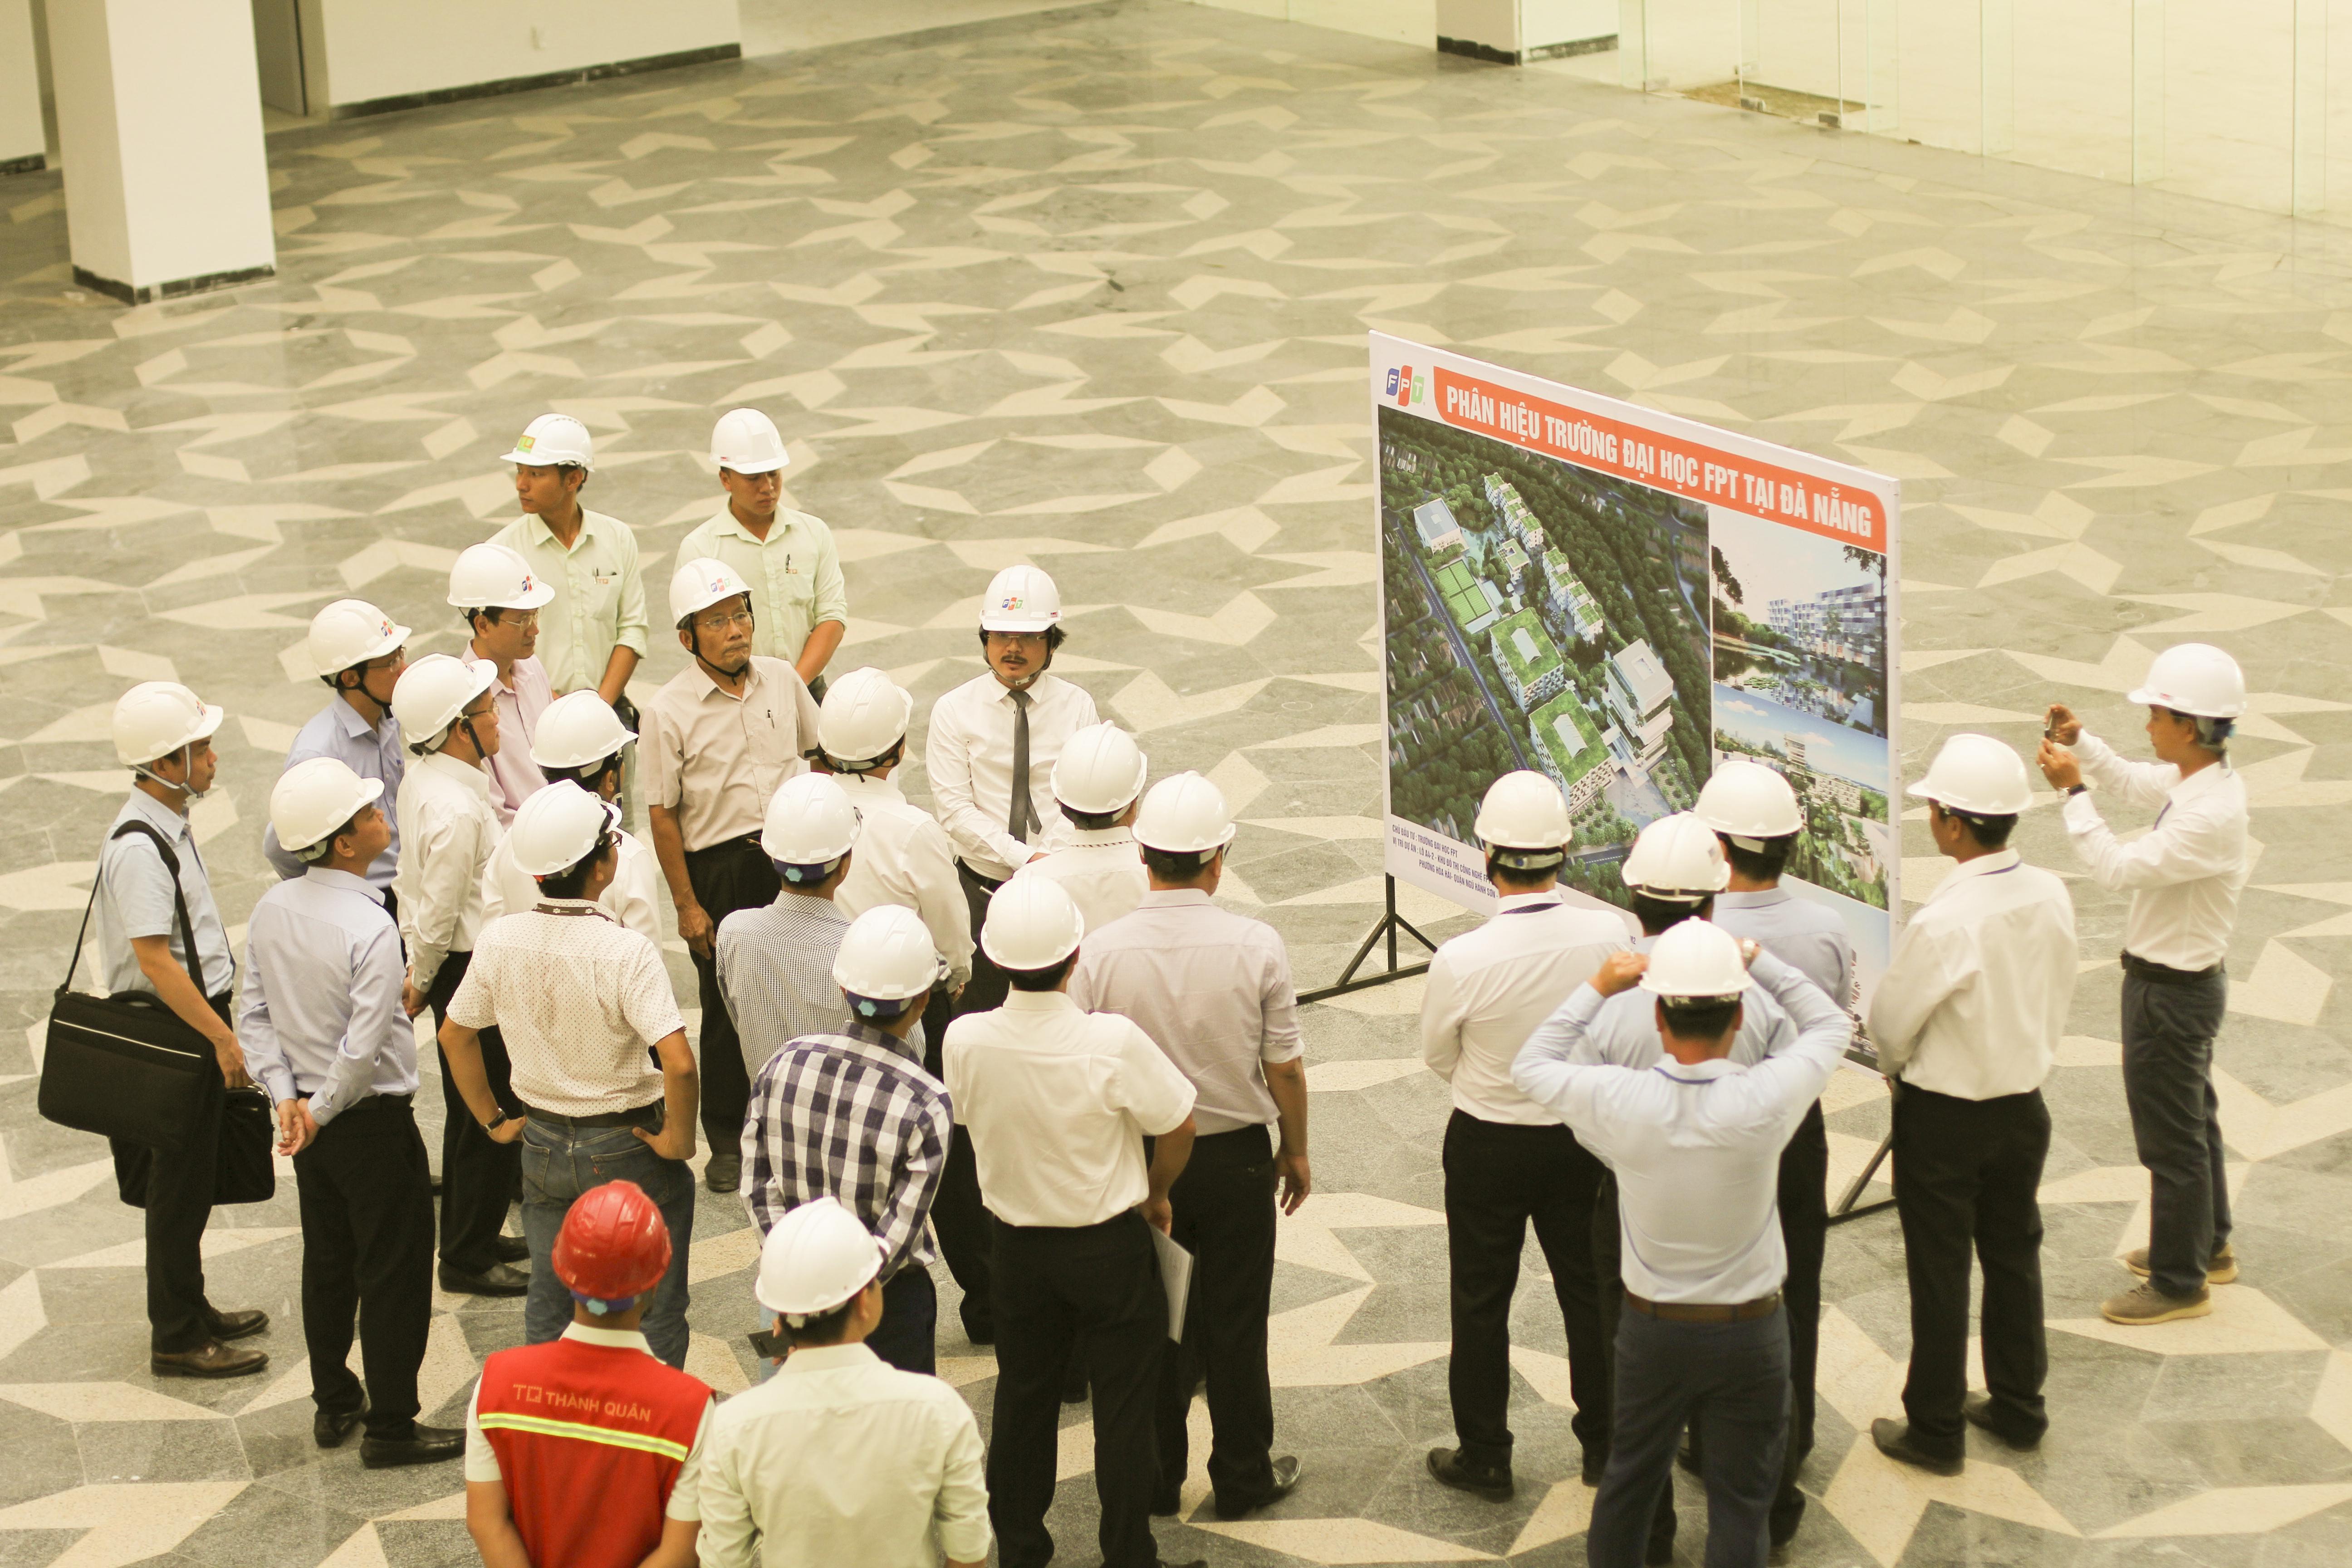 Trước đó, Bí thư Thành ủy Đà Nẵng Trương Quang Nghĩa cùng lãnh đạo thành phố đã đích thân thị sát công trình Campus ĐH FPT. Ông hài lòng với định hướng cũng như những hành động cụ thể của FPT trong việc hiện thực hóa khu đô thị công nghệ và giáo dục. í thư Thành ủy Đà Nẵng Trương Quang Nghĩa còn yêu cầu lãnh đạo các sở ban ngành tập trung chỉ đạo và phối hợp để quá trình thi công được thuận lợi. Ở lĩnh vực giáo dục, FPT tại Đà Nẵng đã có đầy đủ các hệ thống cấp học với hơn 3.600 học sinh, sinh viên. Đà Nẵng cũng là nơi đầu tiên FPT dần hiện thực hóa giấc mơ xây dựng khu đô thị công nghệ, vừa là nơi sinh sống và làm việc của các chuyên gia, vừa kết hợp nghiên cứu, đào tạo, học tập.